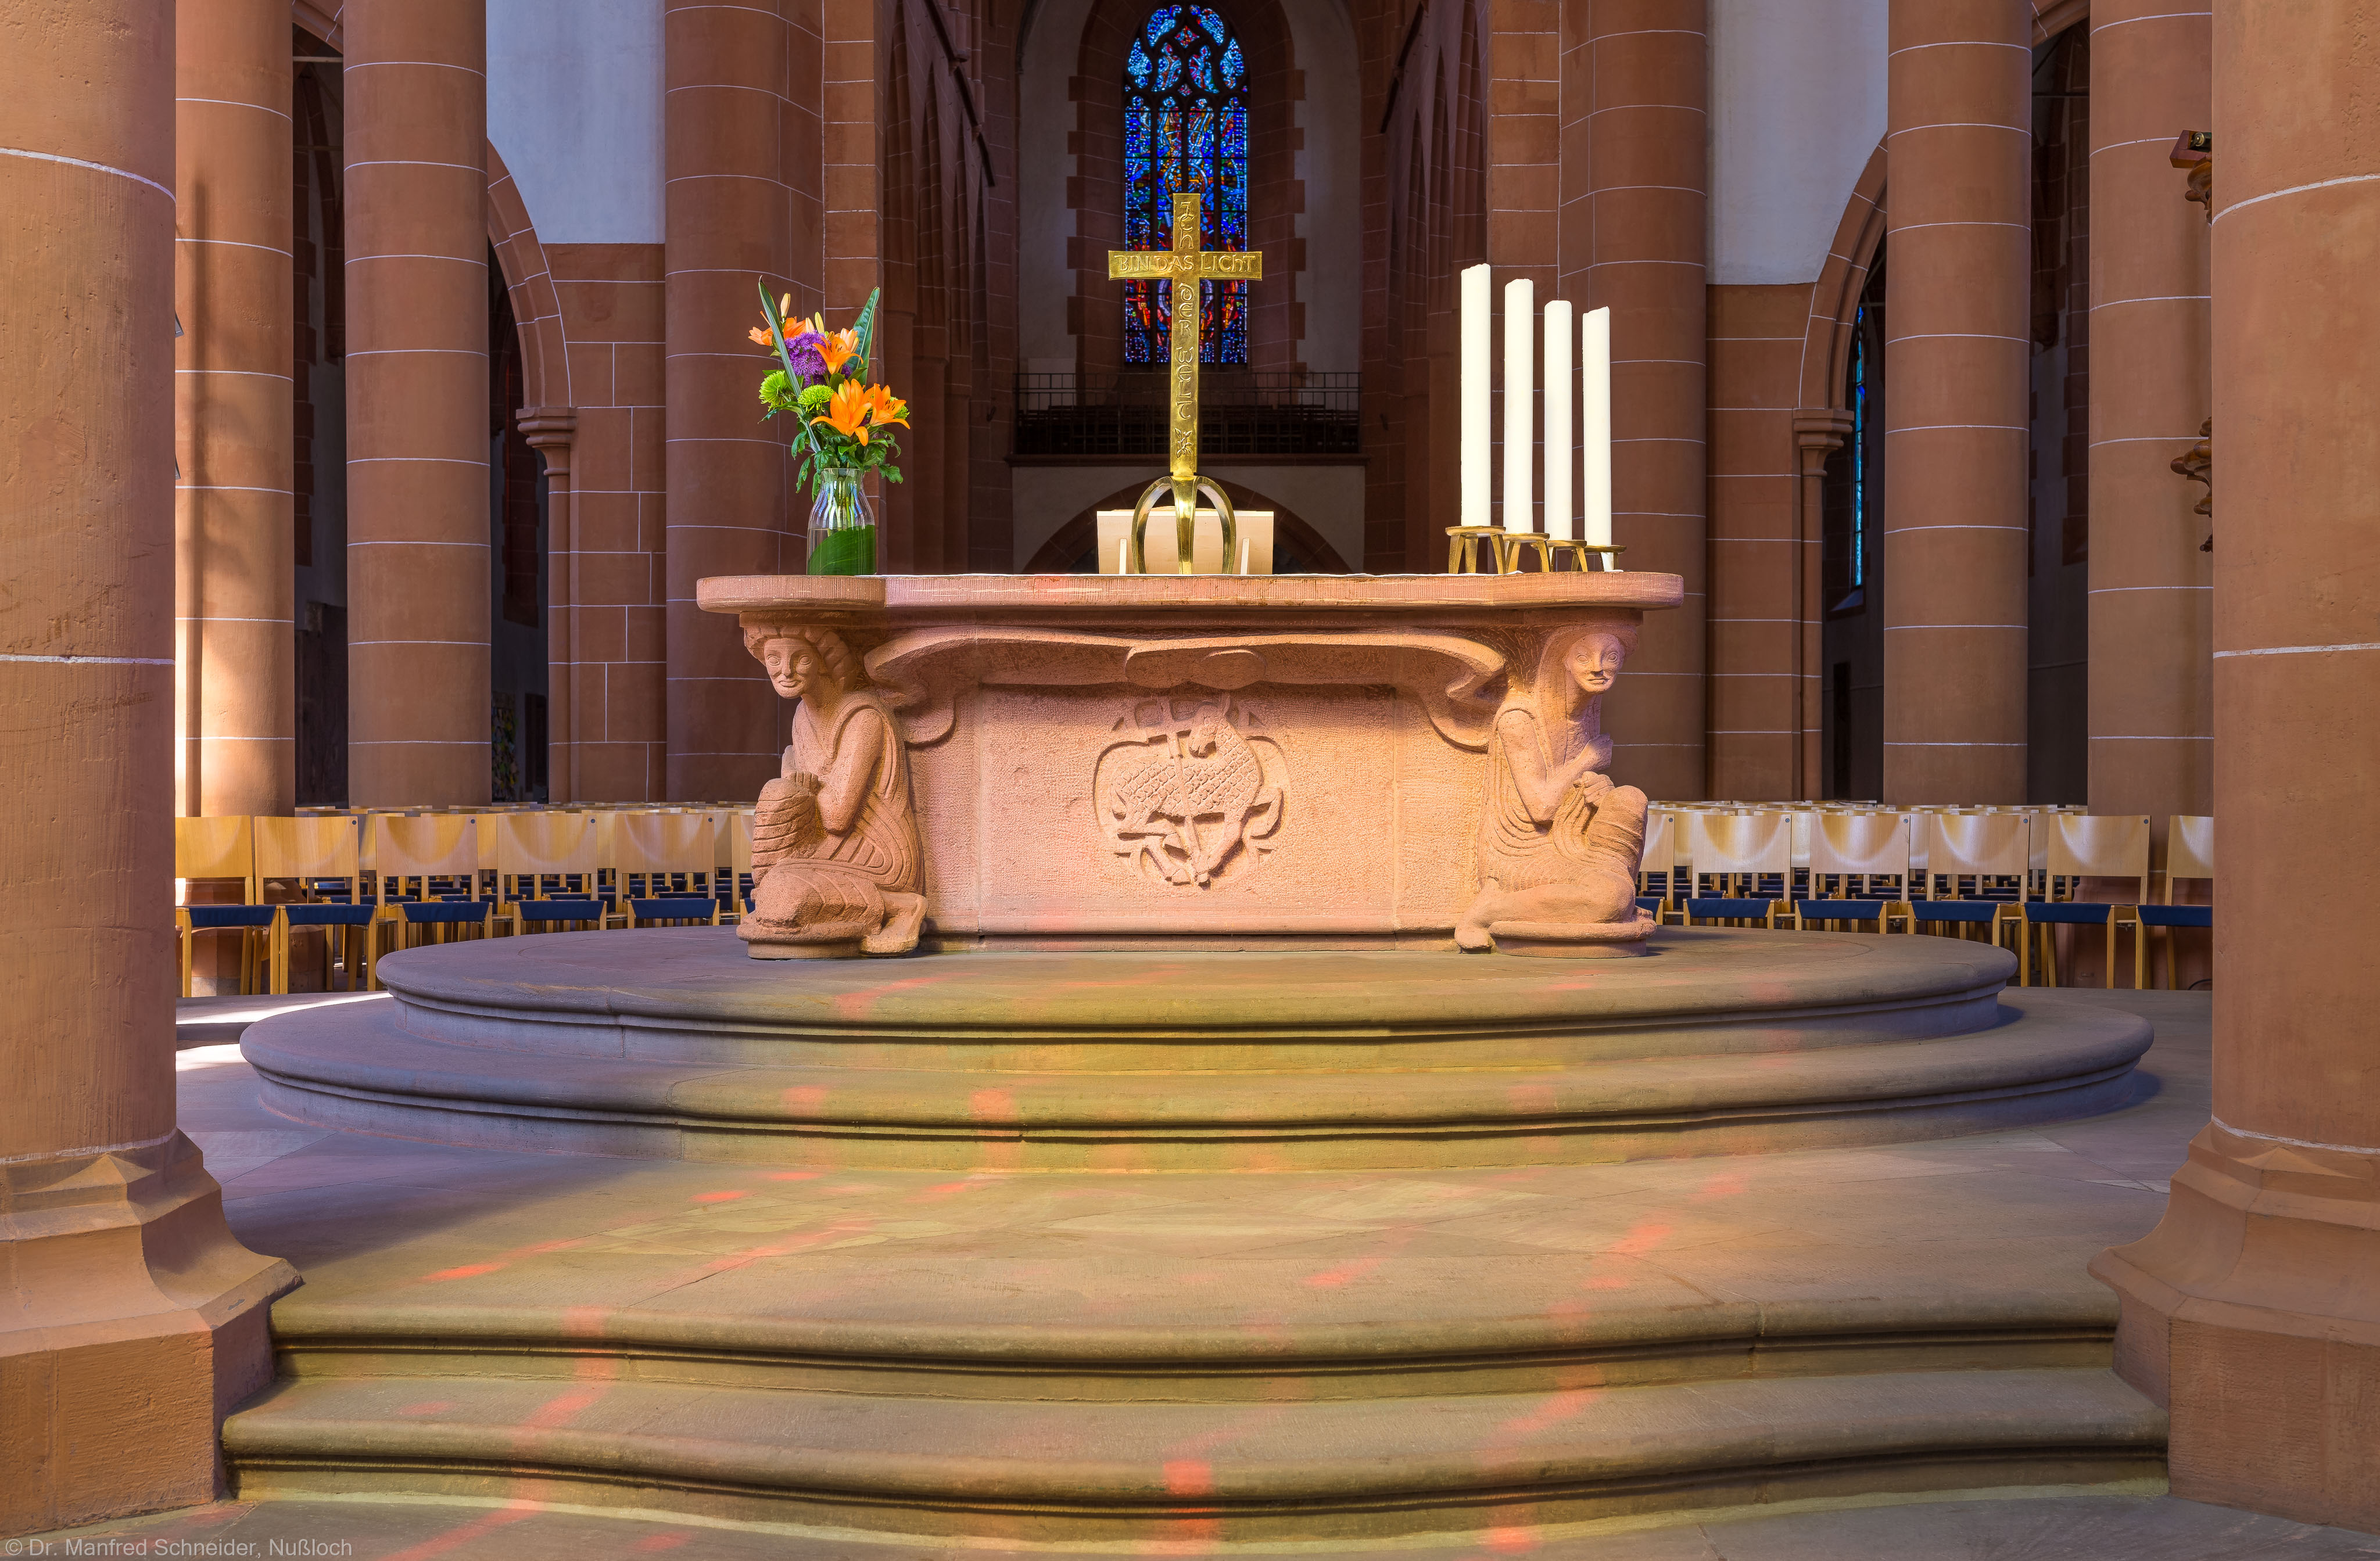 Heidelberg - Heiliggeistkirche - Altar - Ostseite des Altars von Edzard Hobbing (aufgenommen im Juni 2015, am Vormittag)